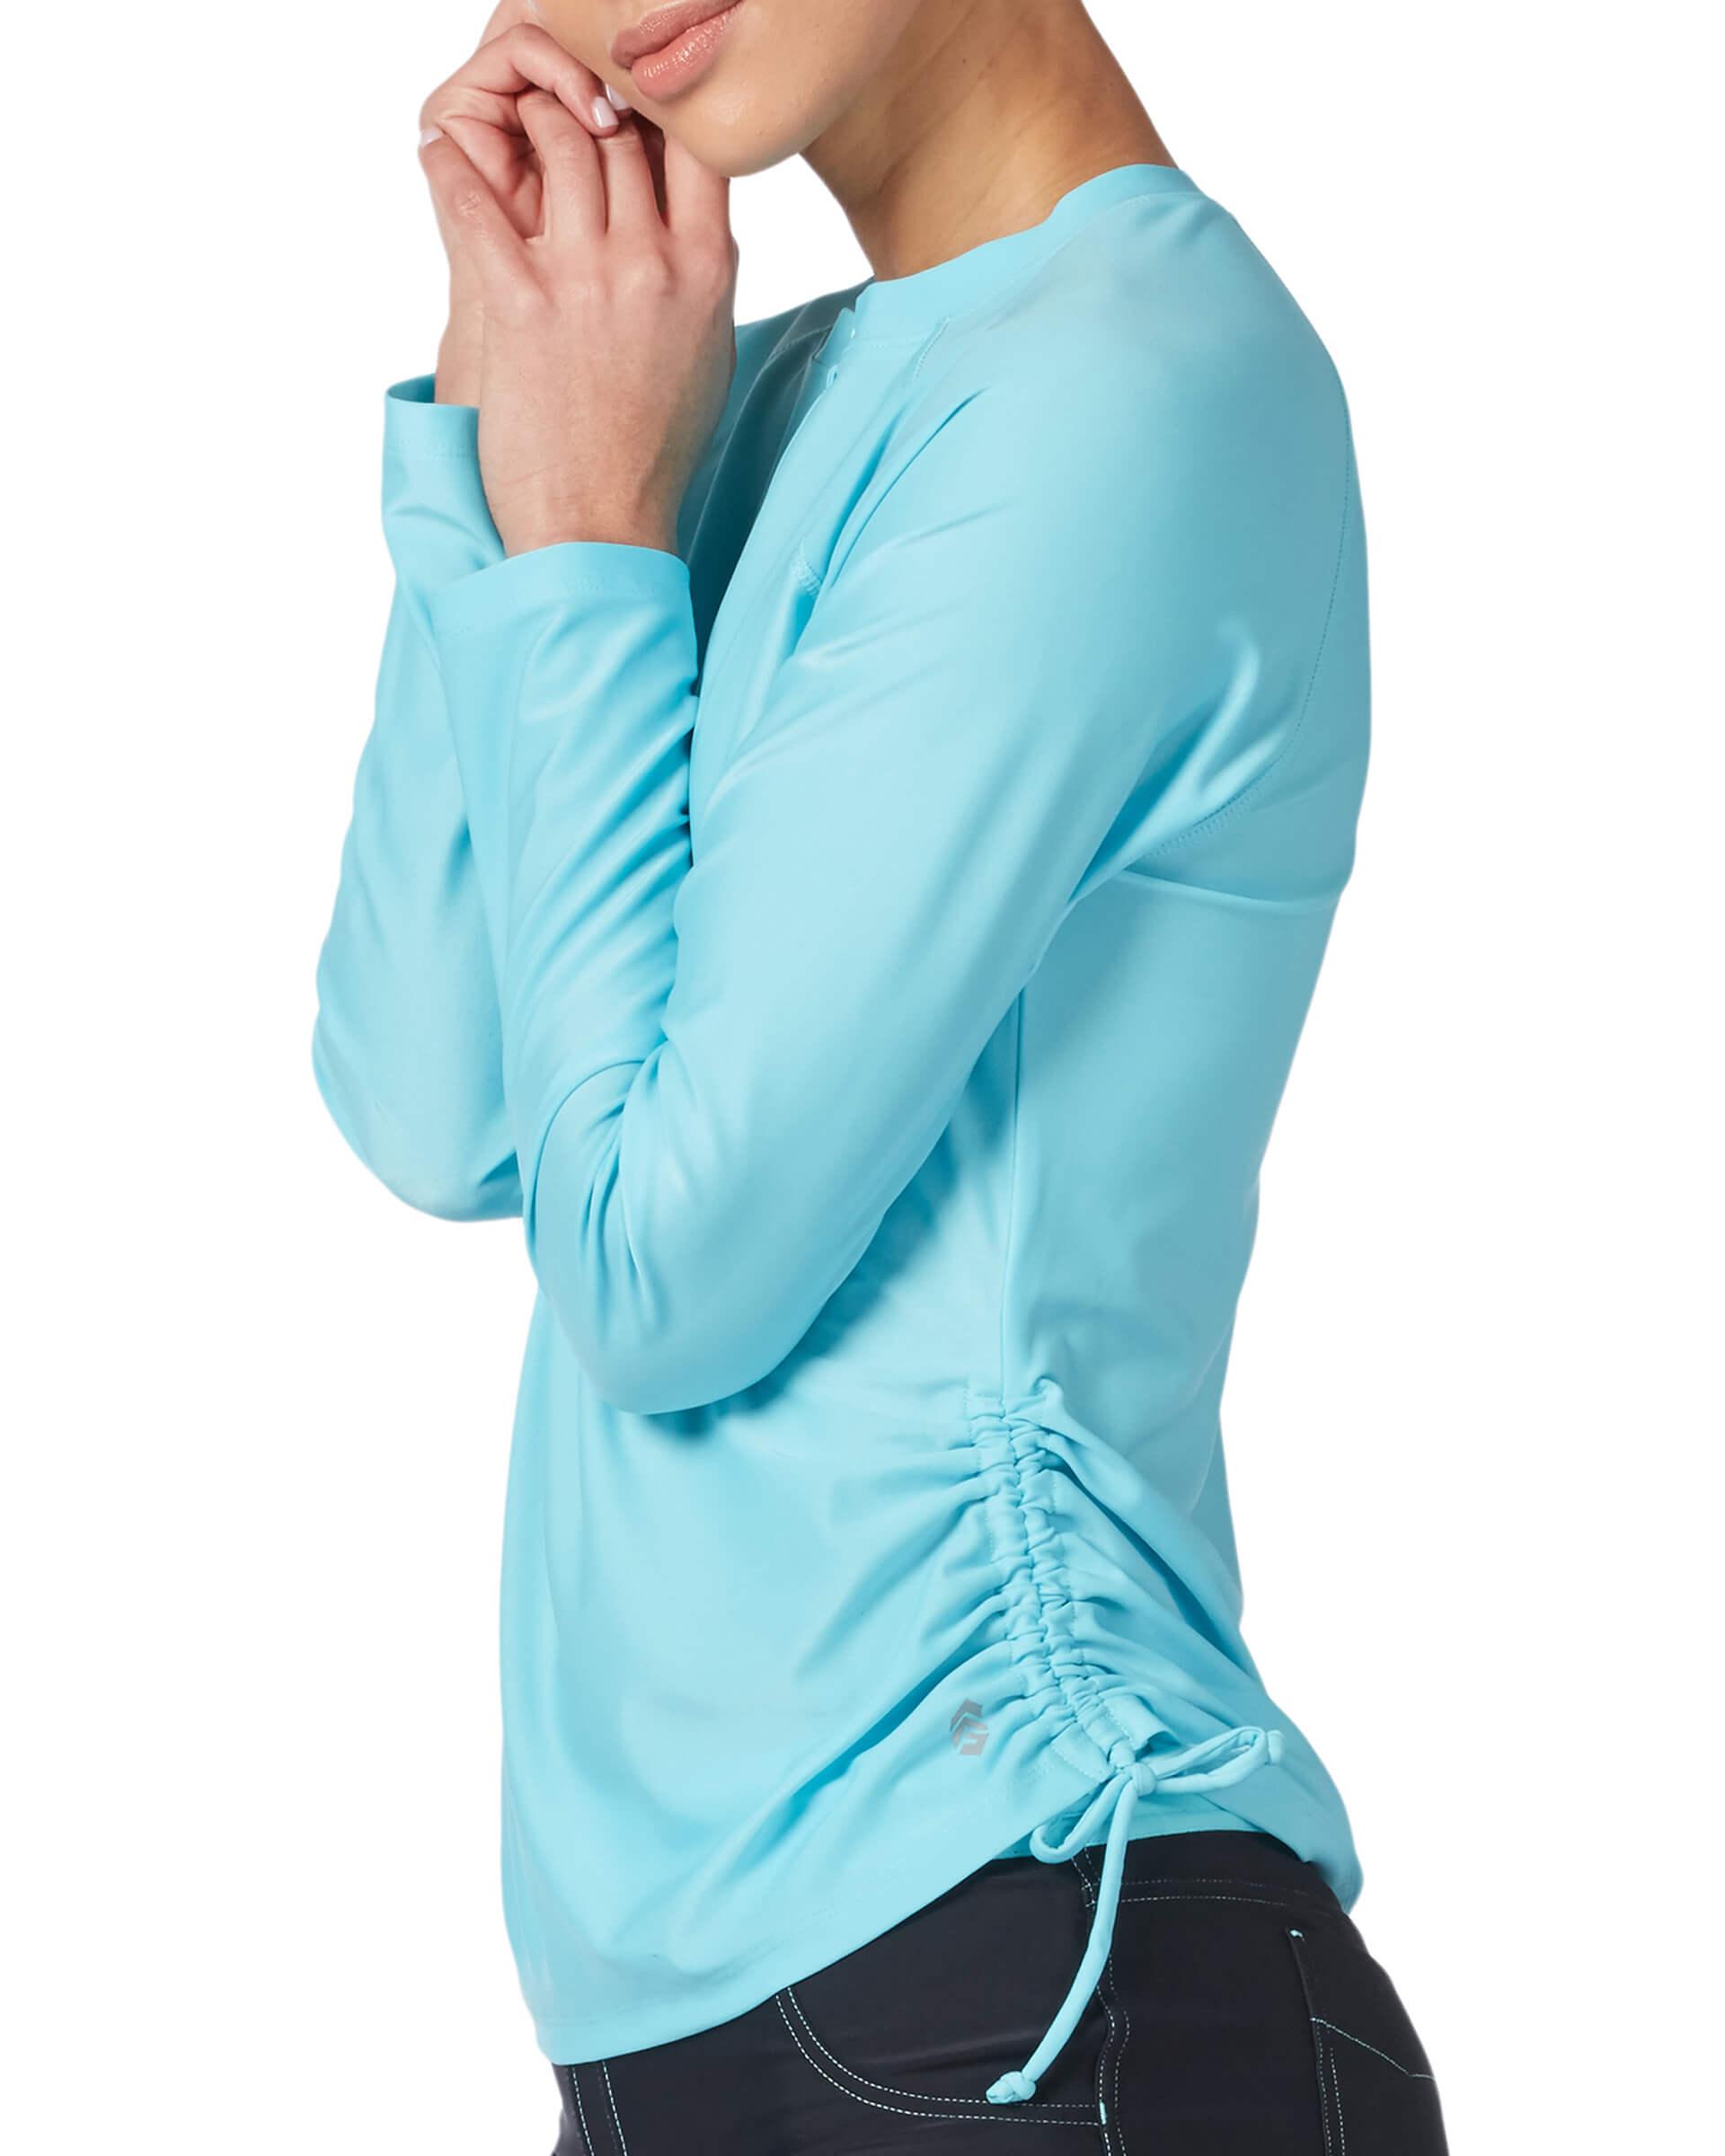 Women's Long Sleeve Sunshirt